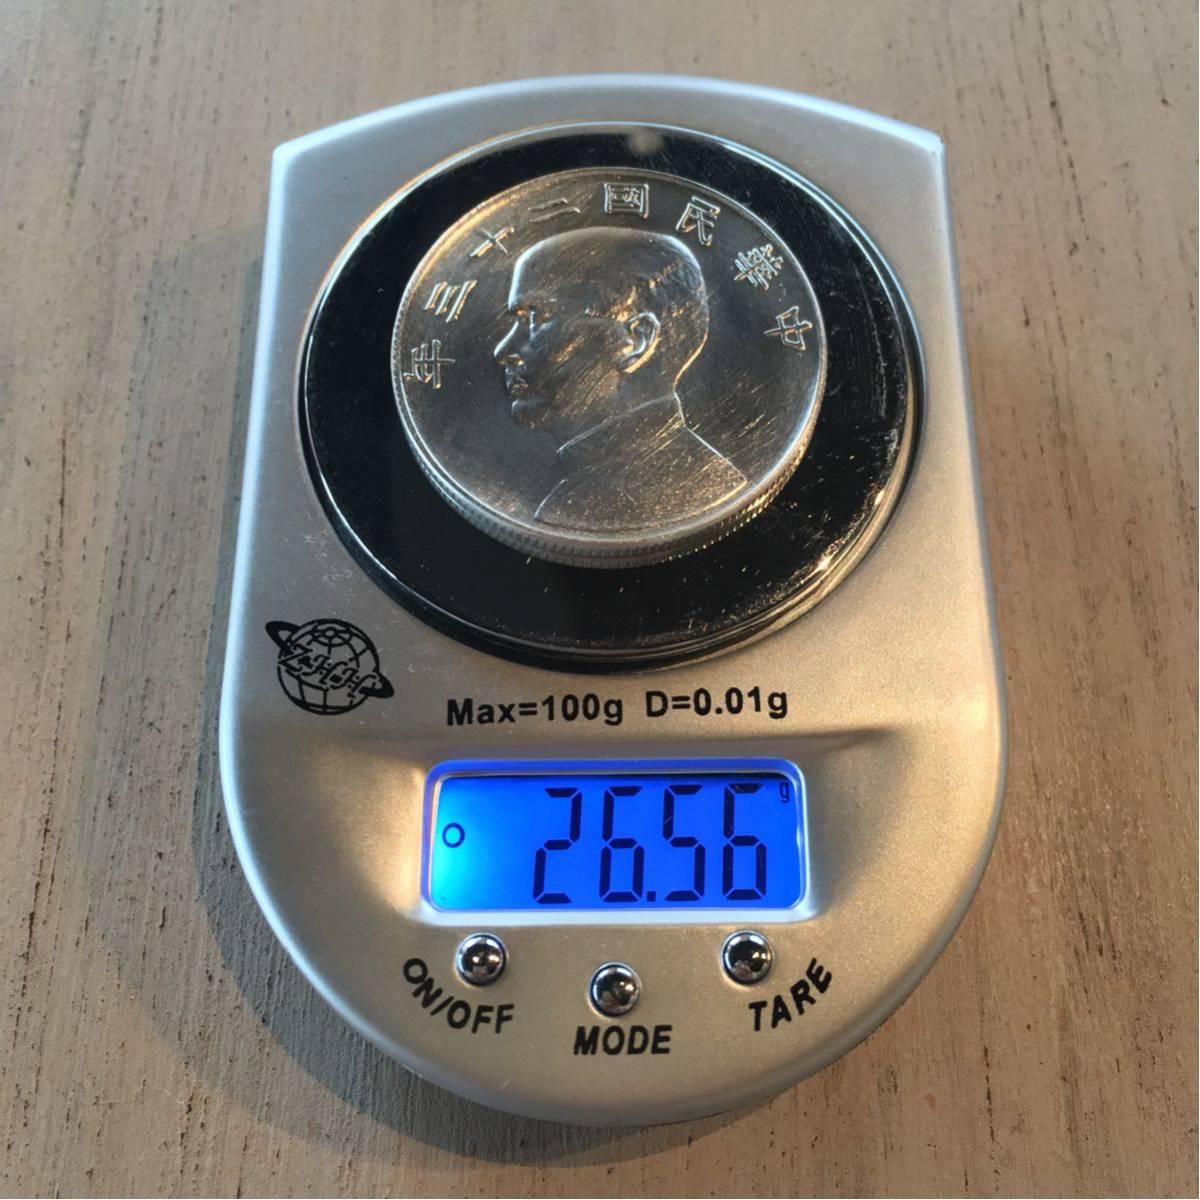 中華民国二十三年 壹圓銀貨 孫文 中国 古銭 硬貨 コイン 帆船 重さ26.56g 径39.5mm 厚み2.3mm_画像3